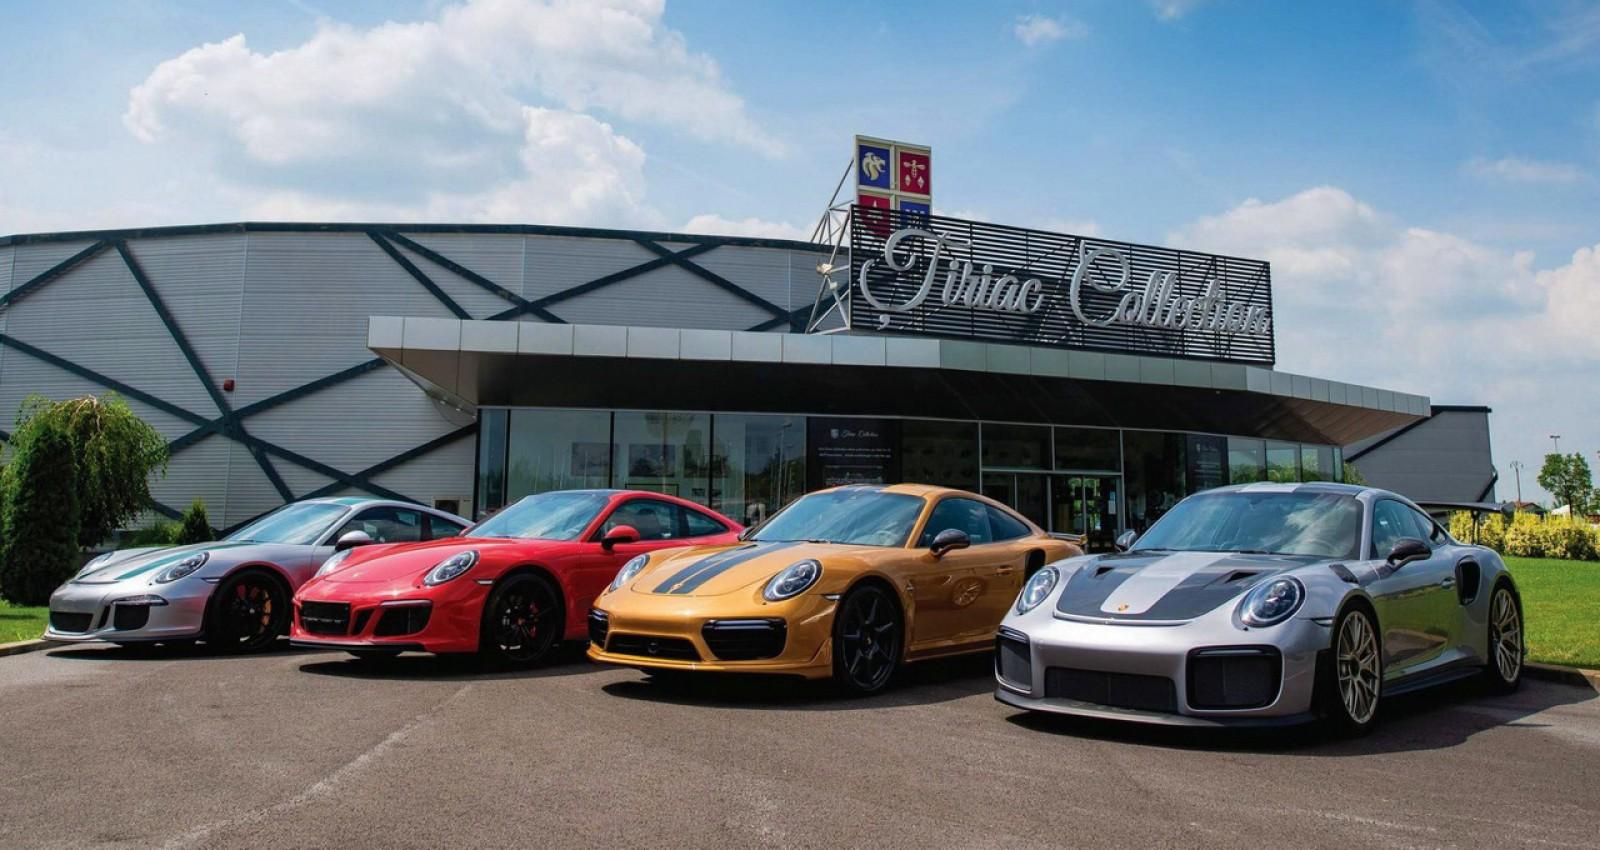 (foto) Trei maşini noi şi exclusive, toate marca Porsche, au completat colecţia lui Ion Ţiriac